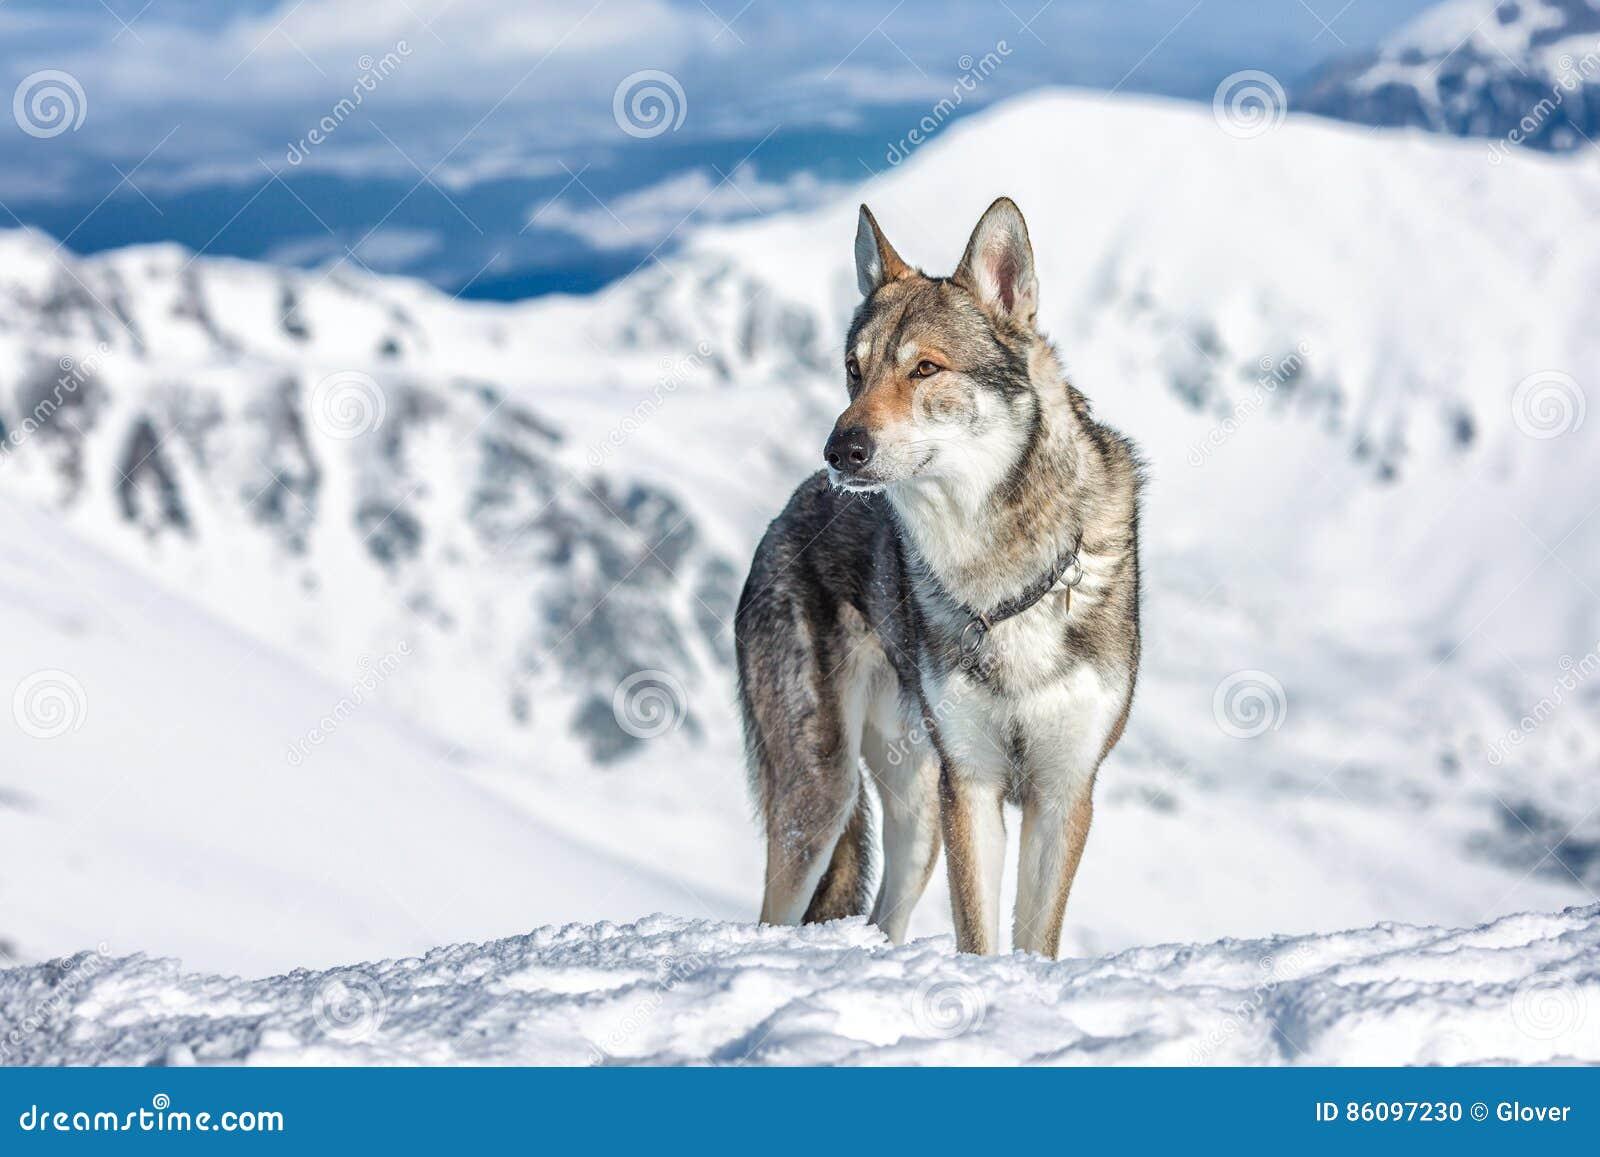 Wolfdog in winter